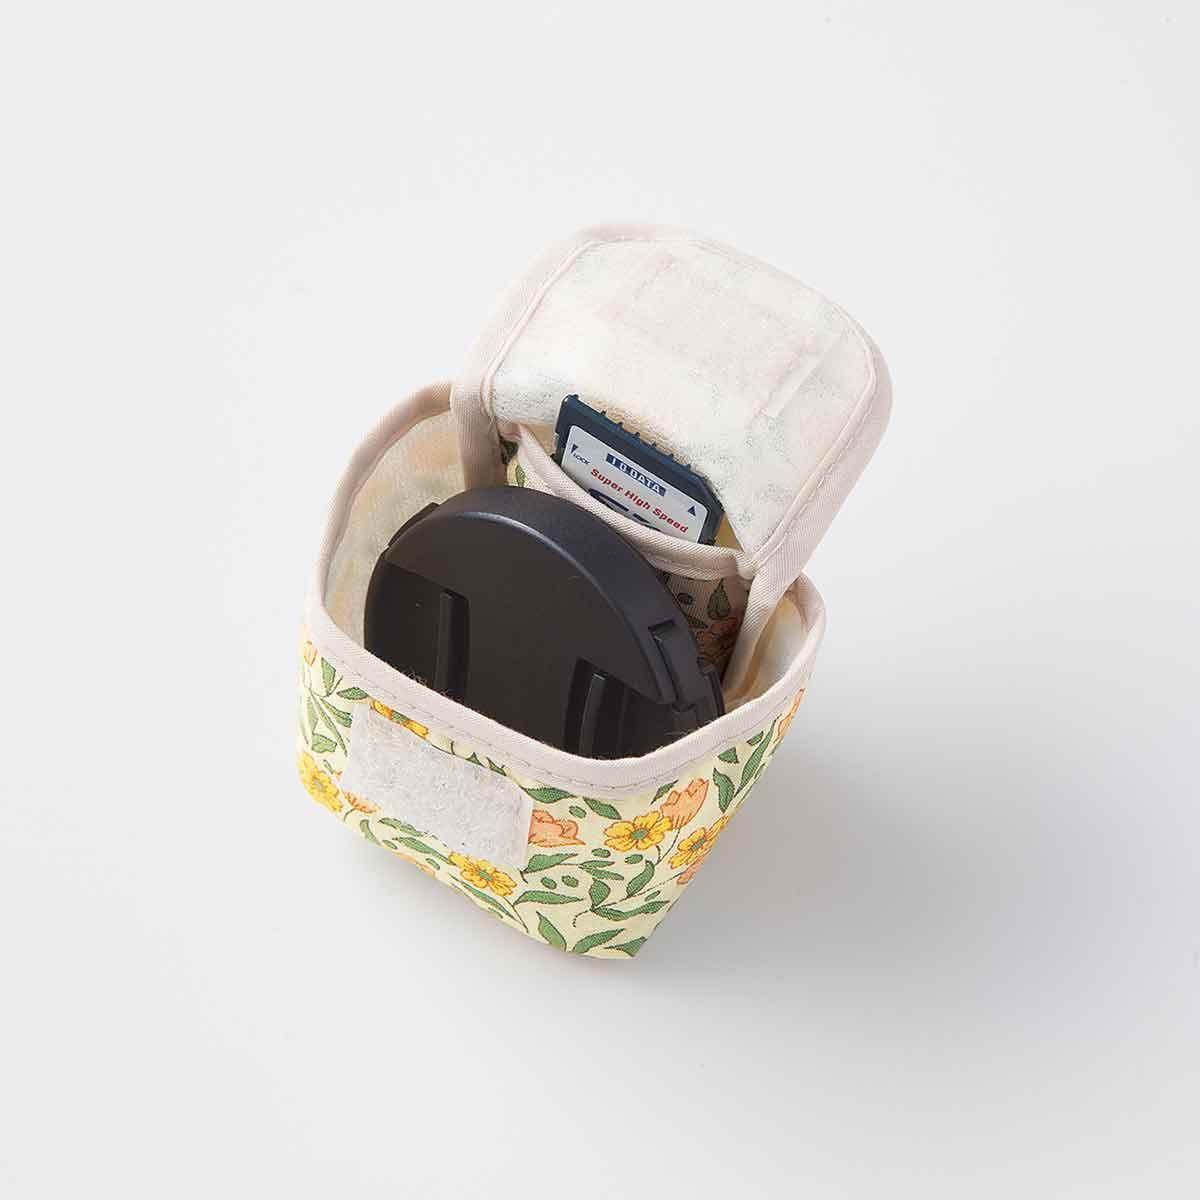 レンズカバー、SDカードもしっかり収納。